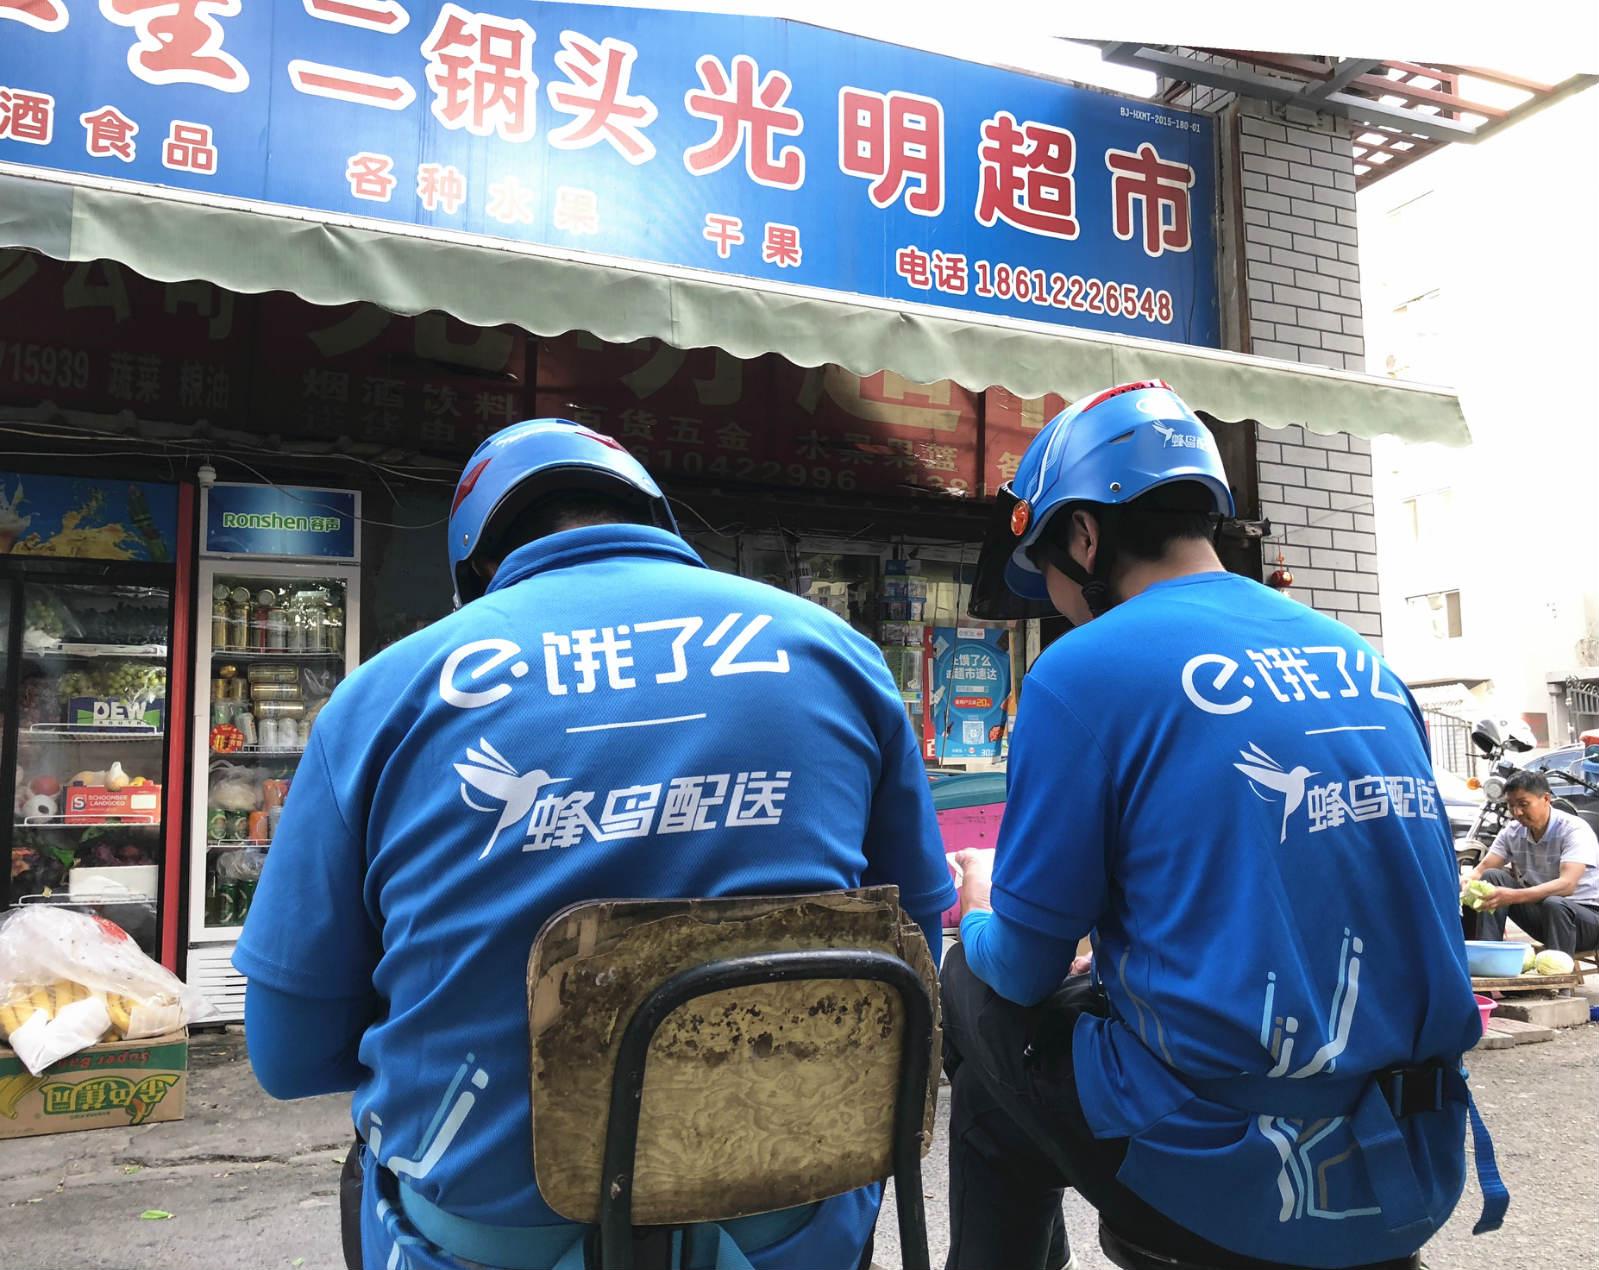 吴小燕夫妇两人在门口摆了一排凳子供饿了么小哥来休息,节省配送时间_meitu_3